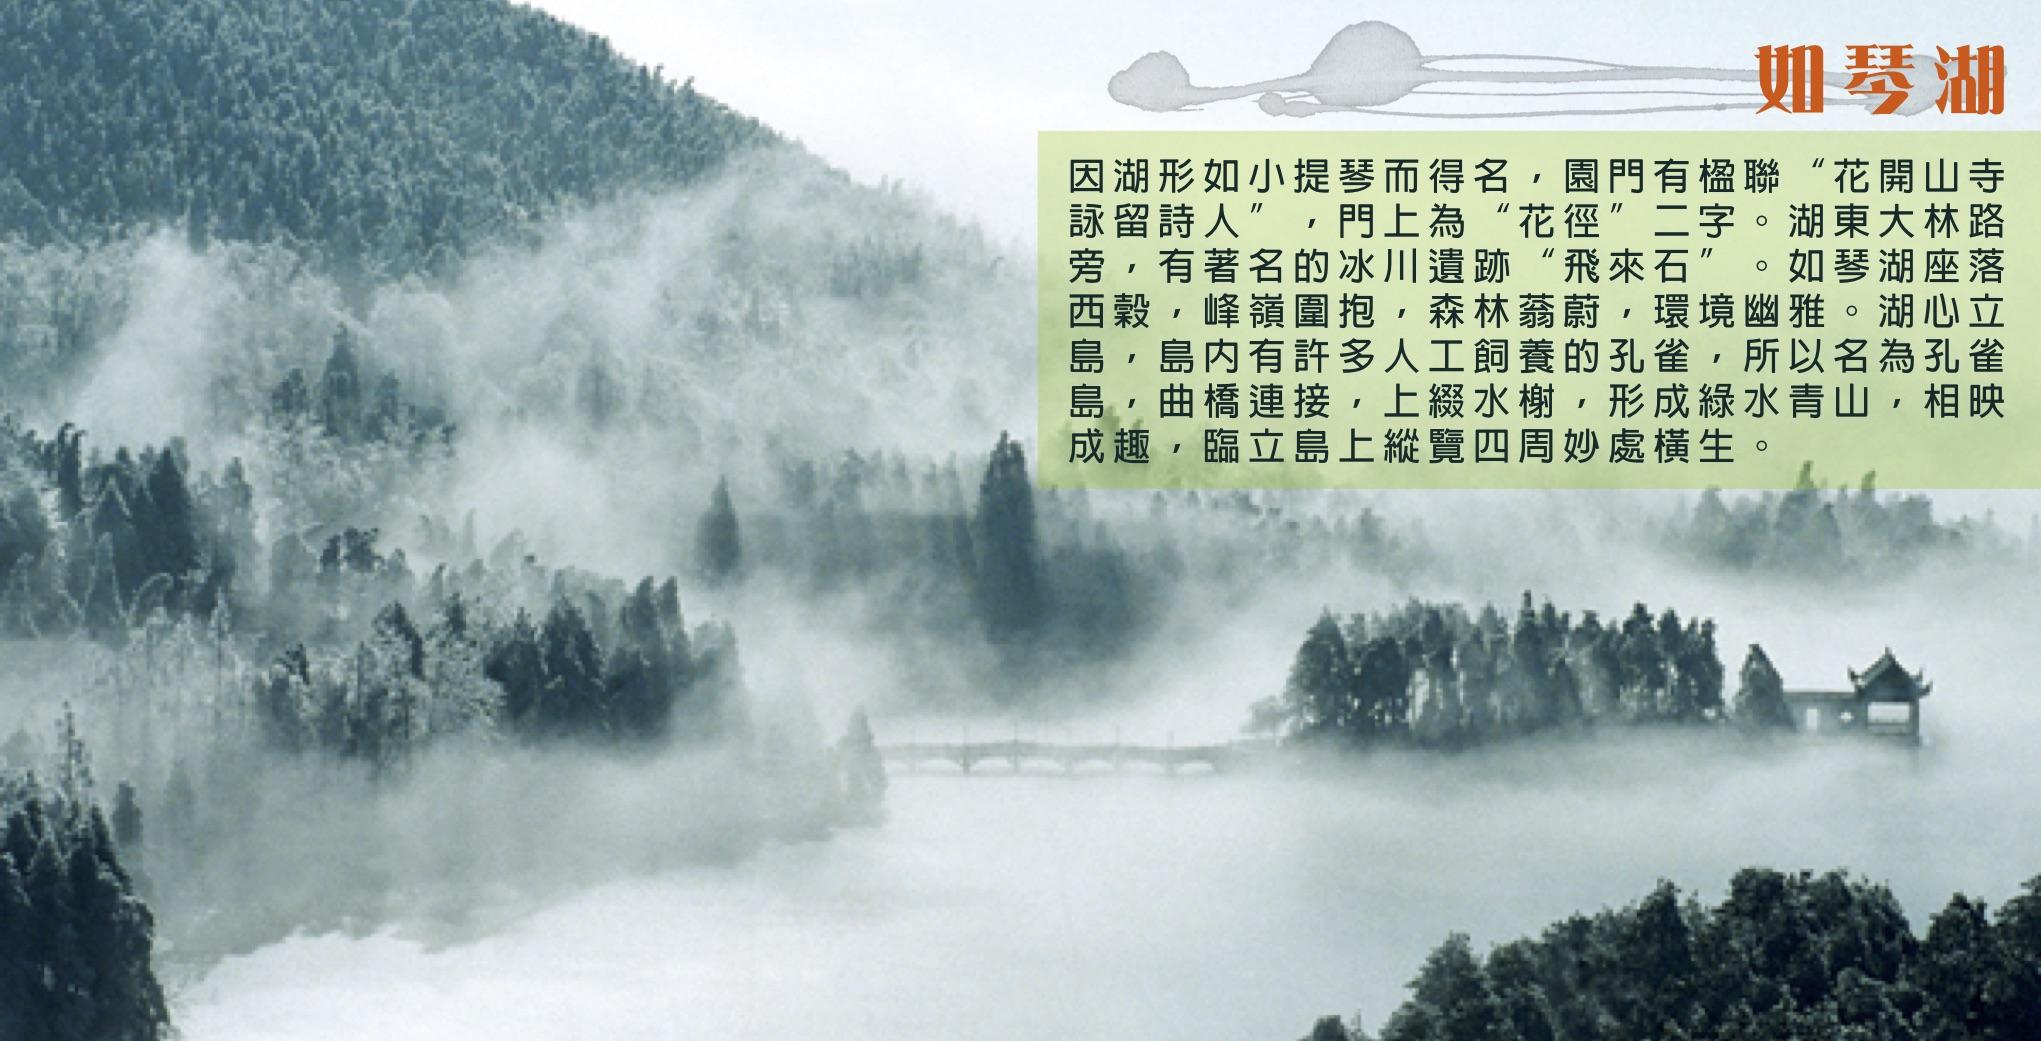 江西名山全览8日~庐山,三清山,龙虎山,龟峰,婺源